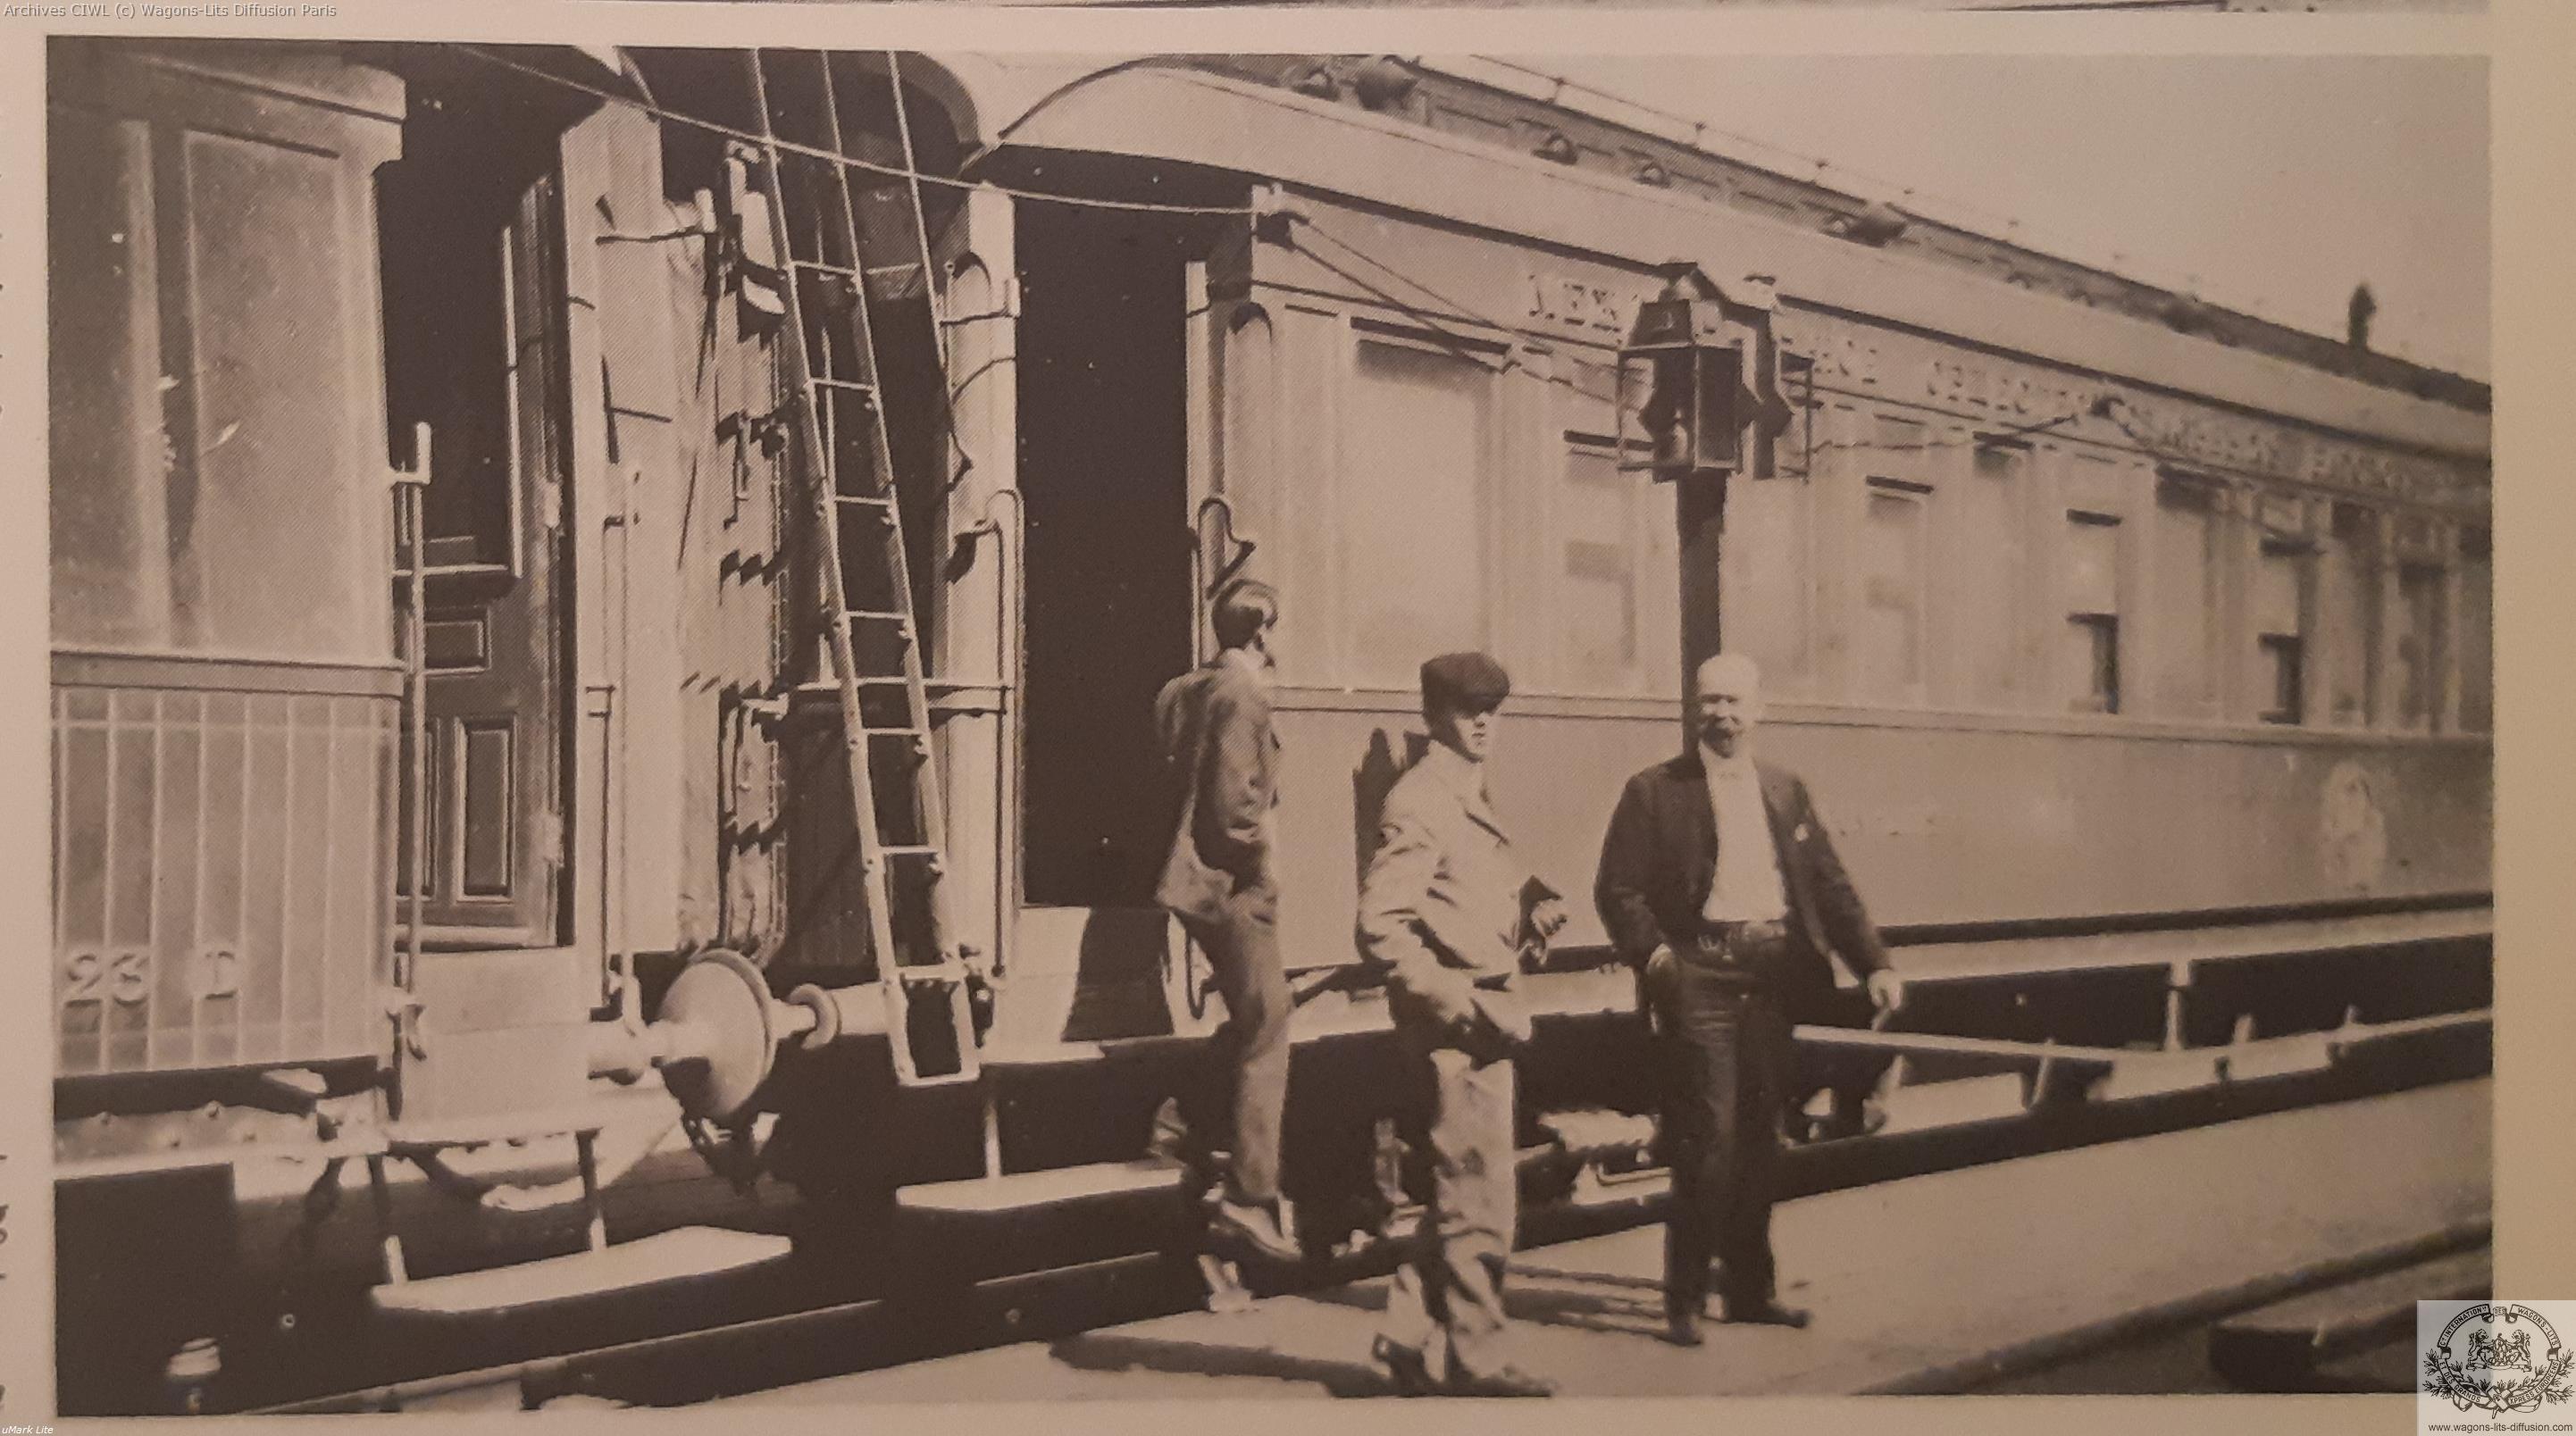 Wl nord express en 1900 entre virbalen et st petersbourg vl n 713 a 718